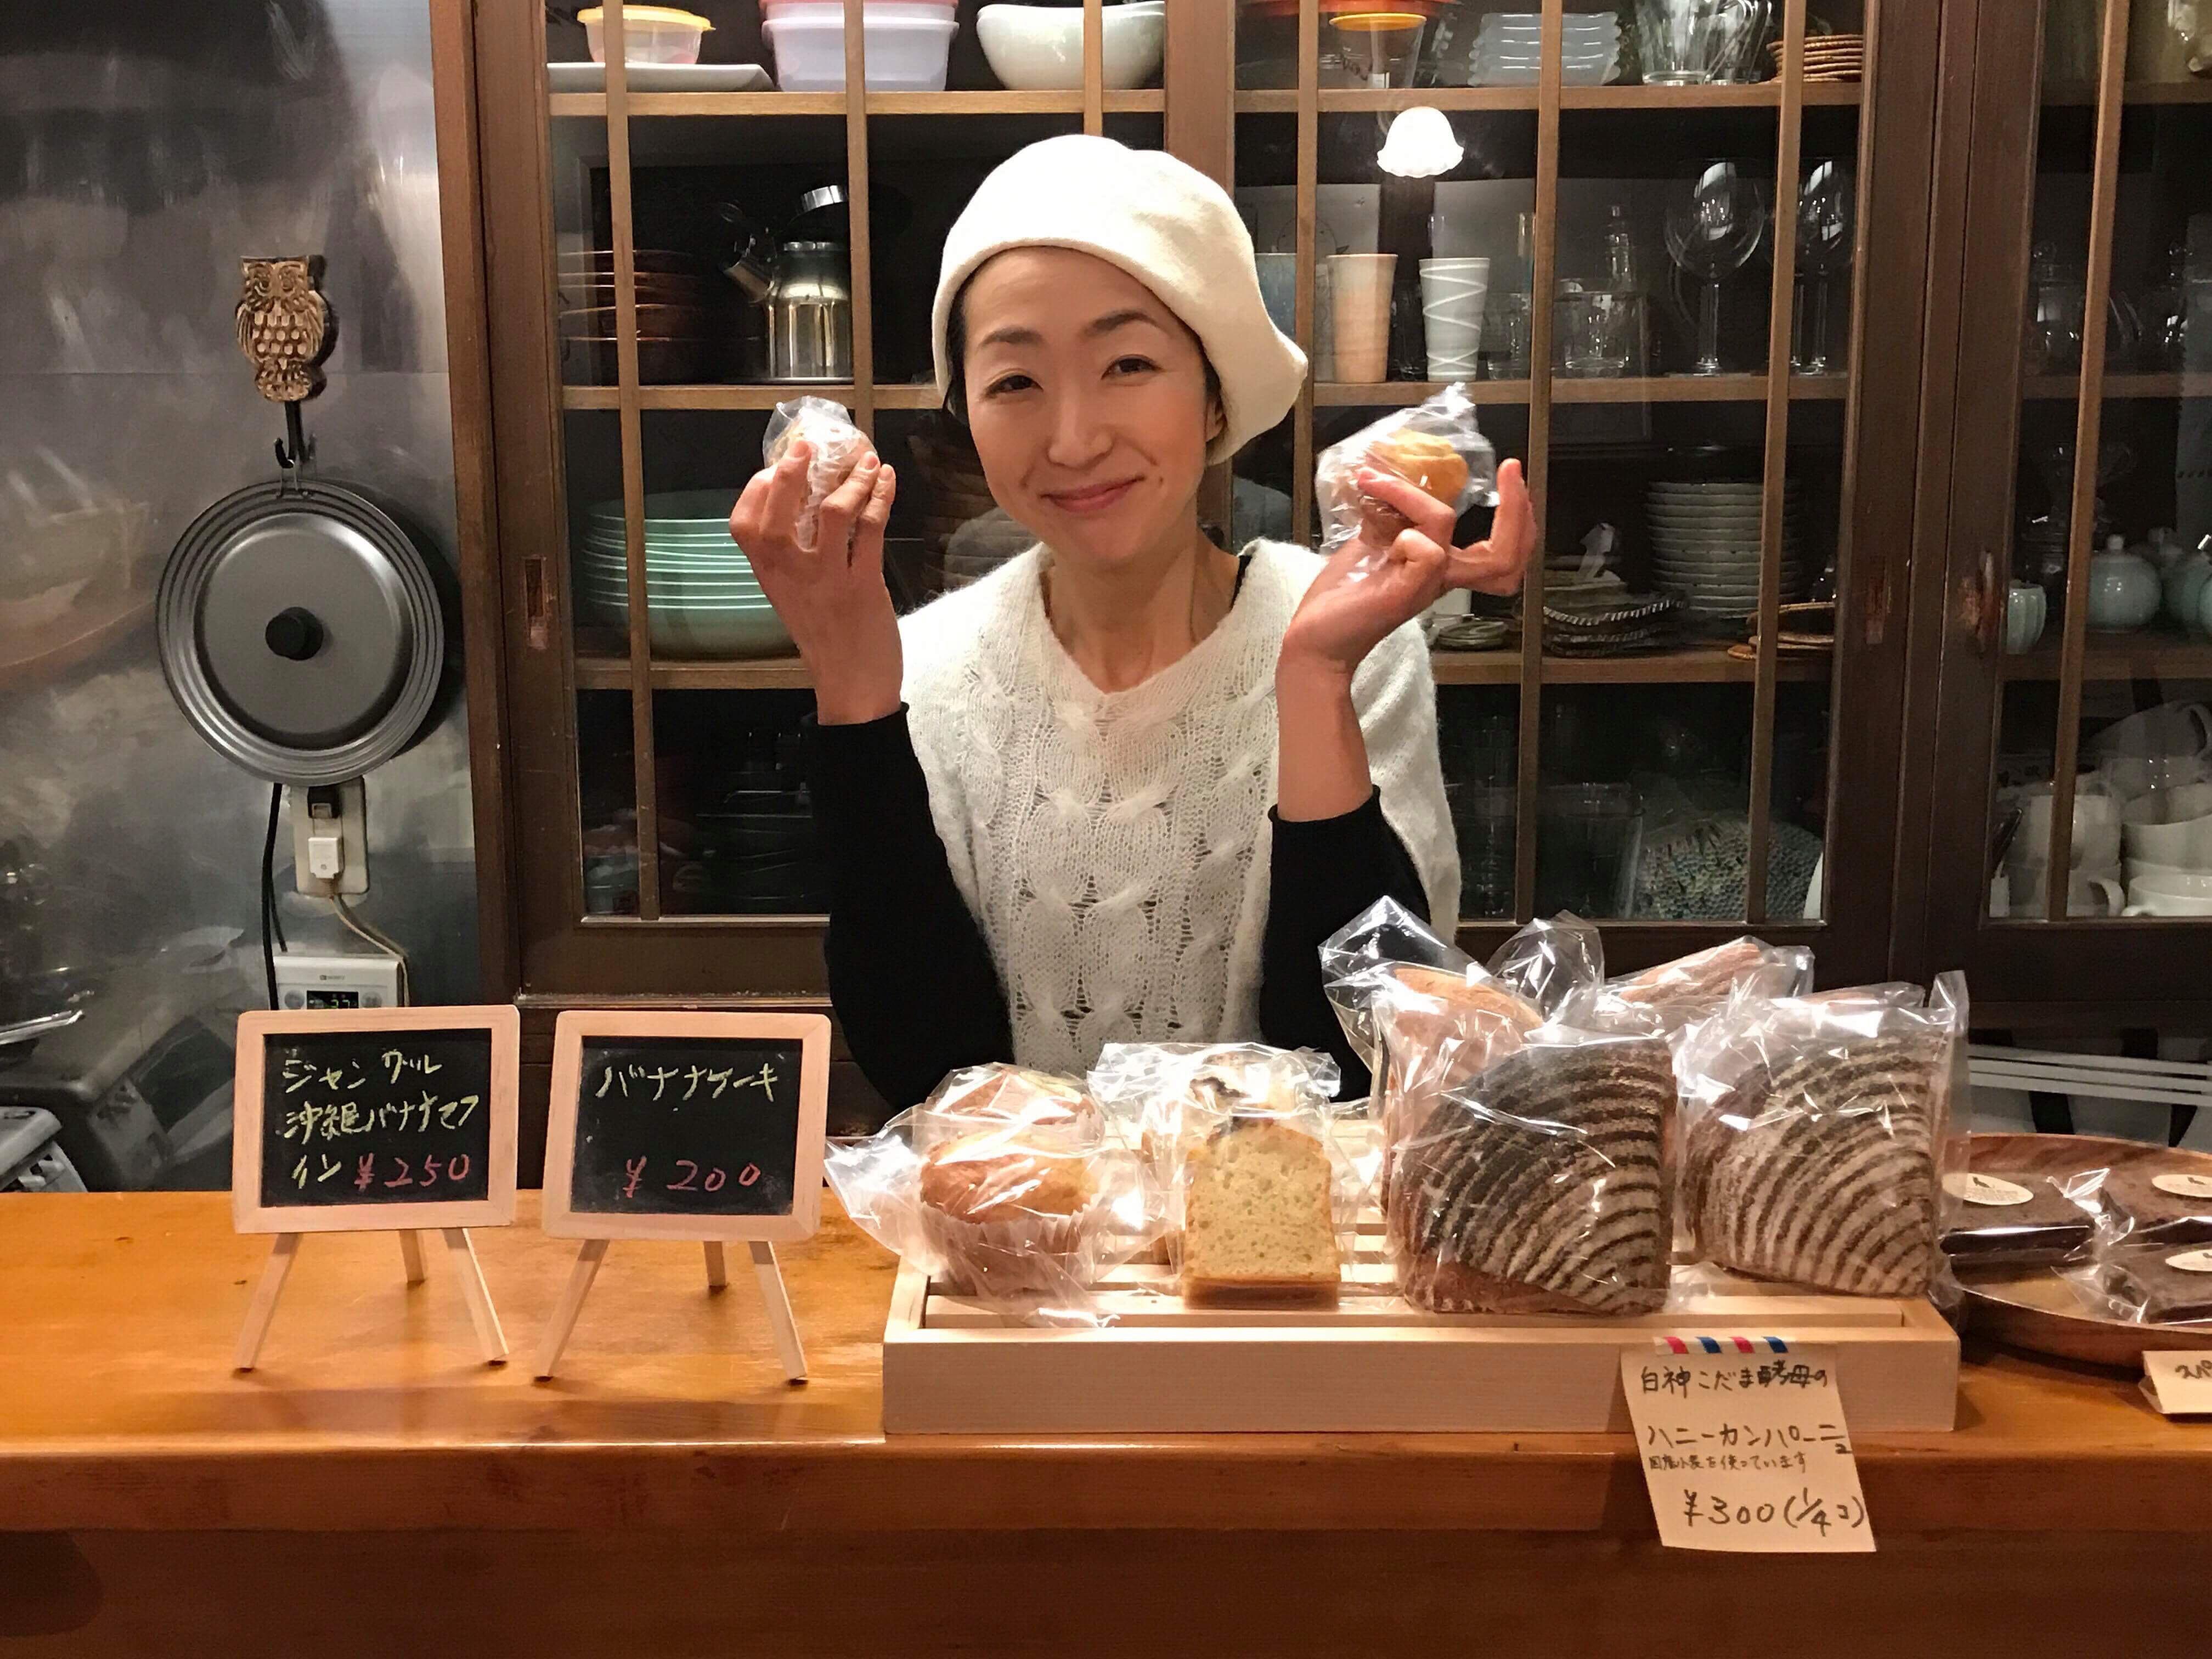 旅する発酵料理家の発酵CHANNEL 作りました!